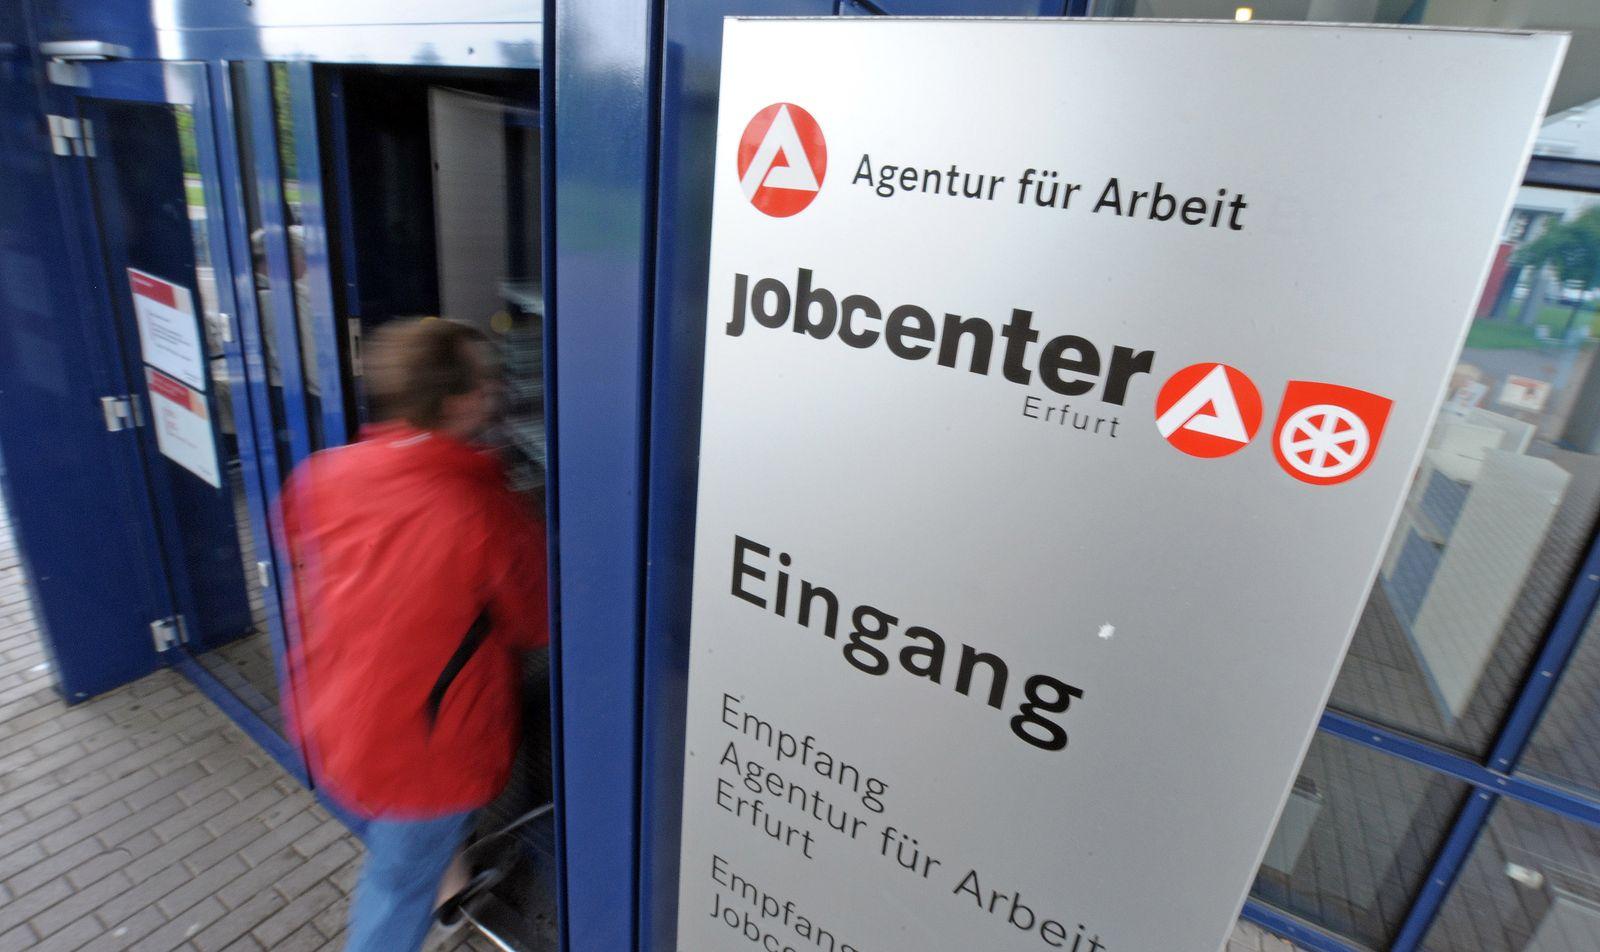 Jobcenter/ Erfurt